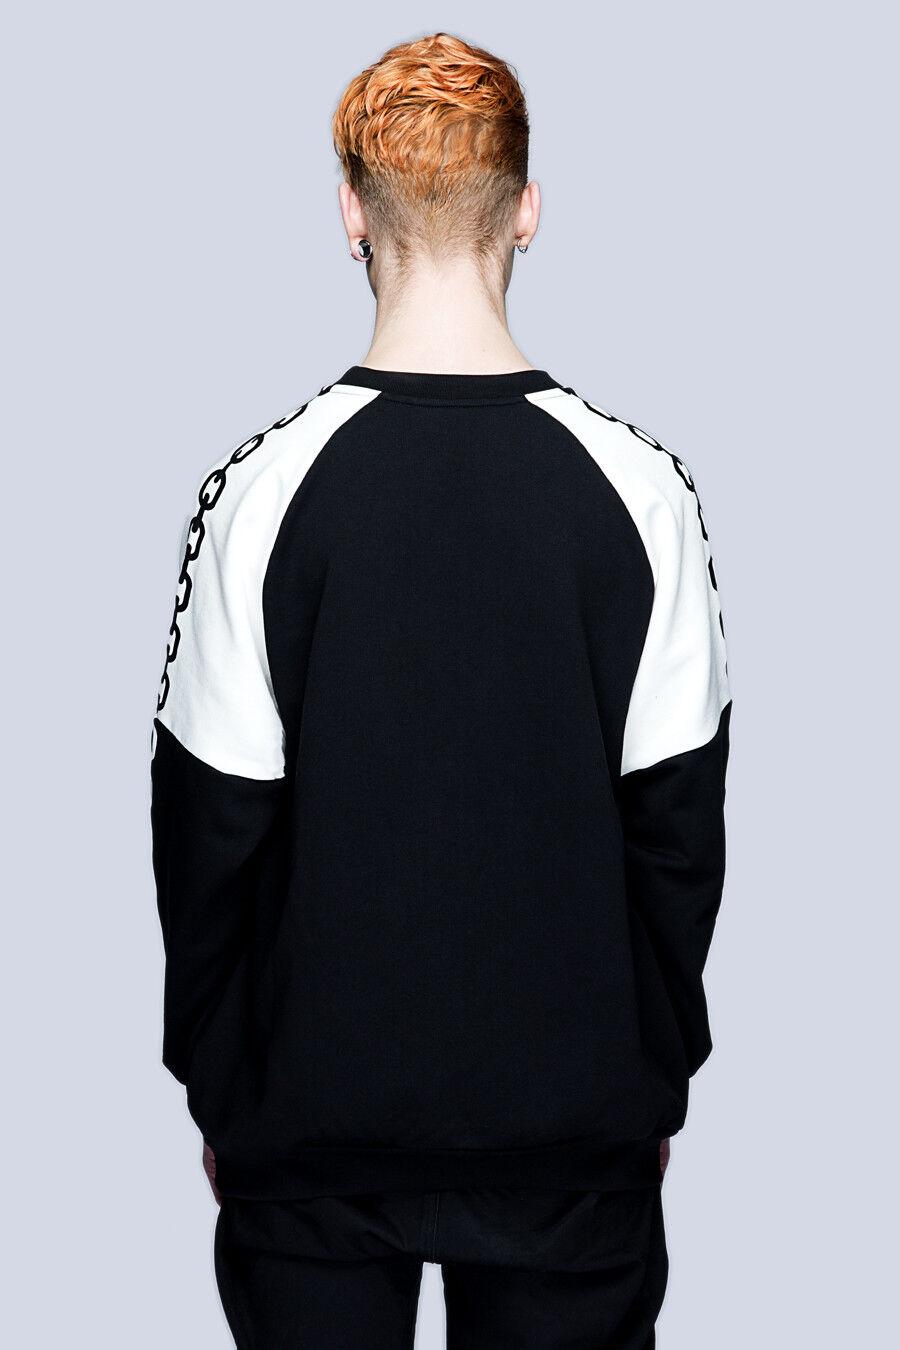 Designer Long Clothing x Mishka DEATH ADDER CHAIN Sweatshirt Sweatshirt Sweatshirt - Boy London, HBA 8169dd